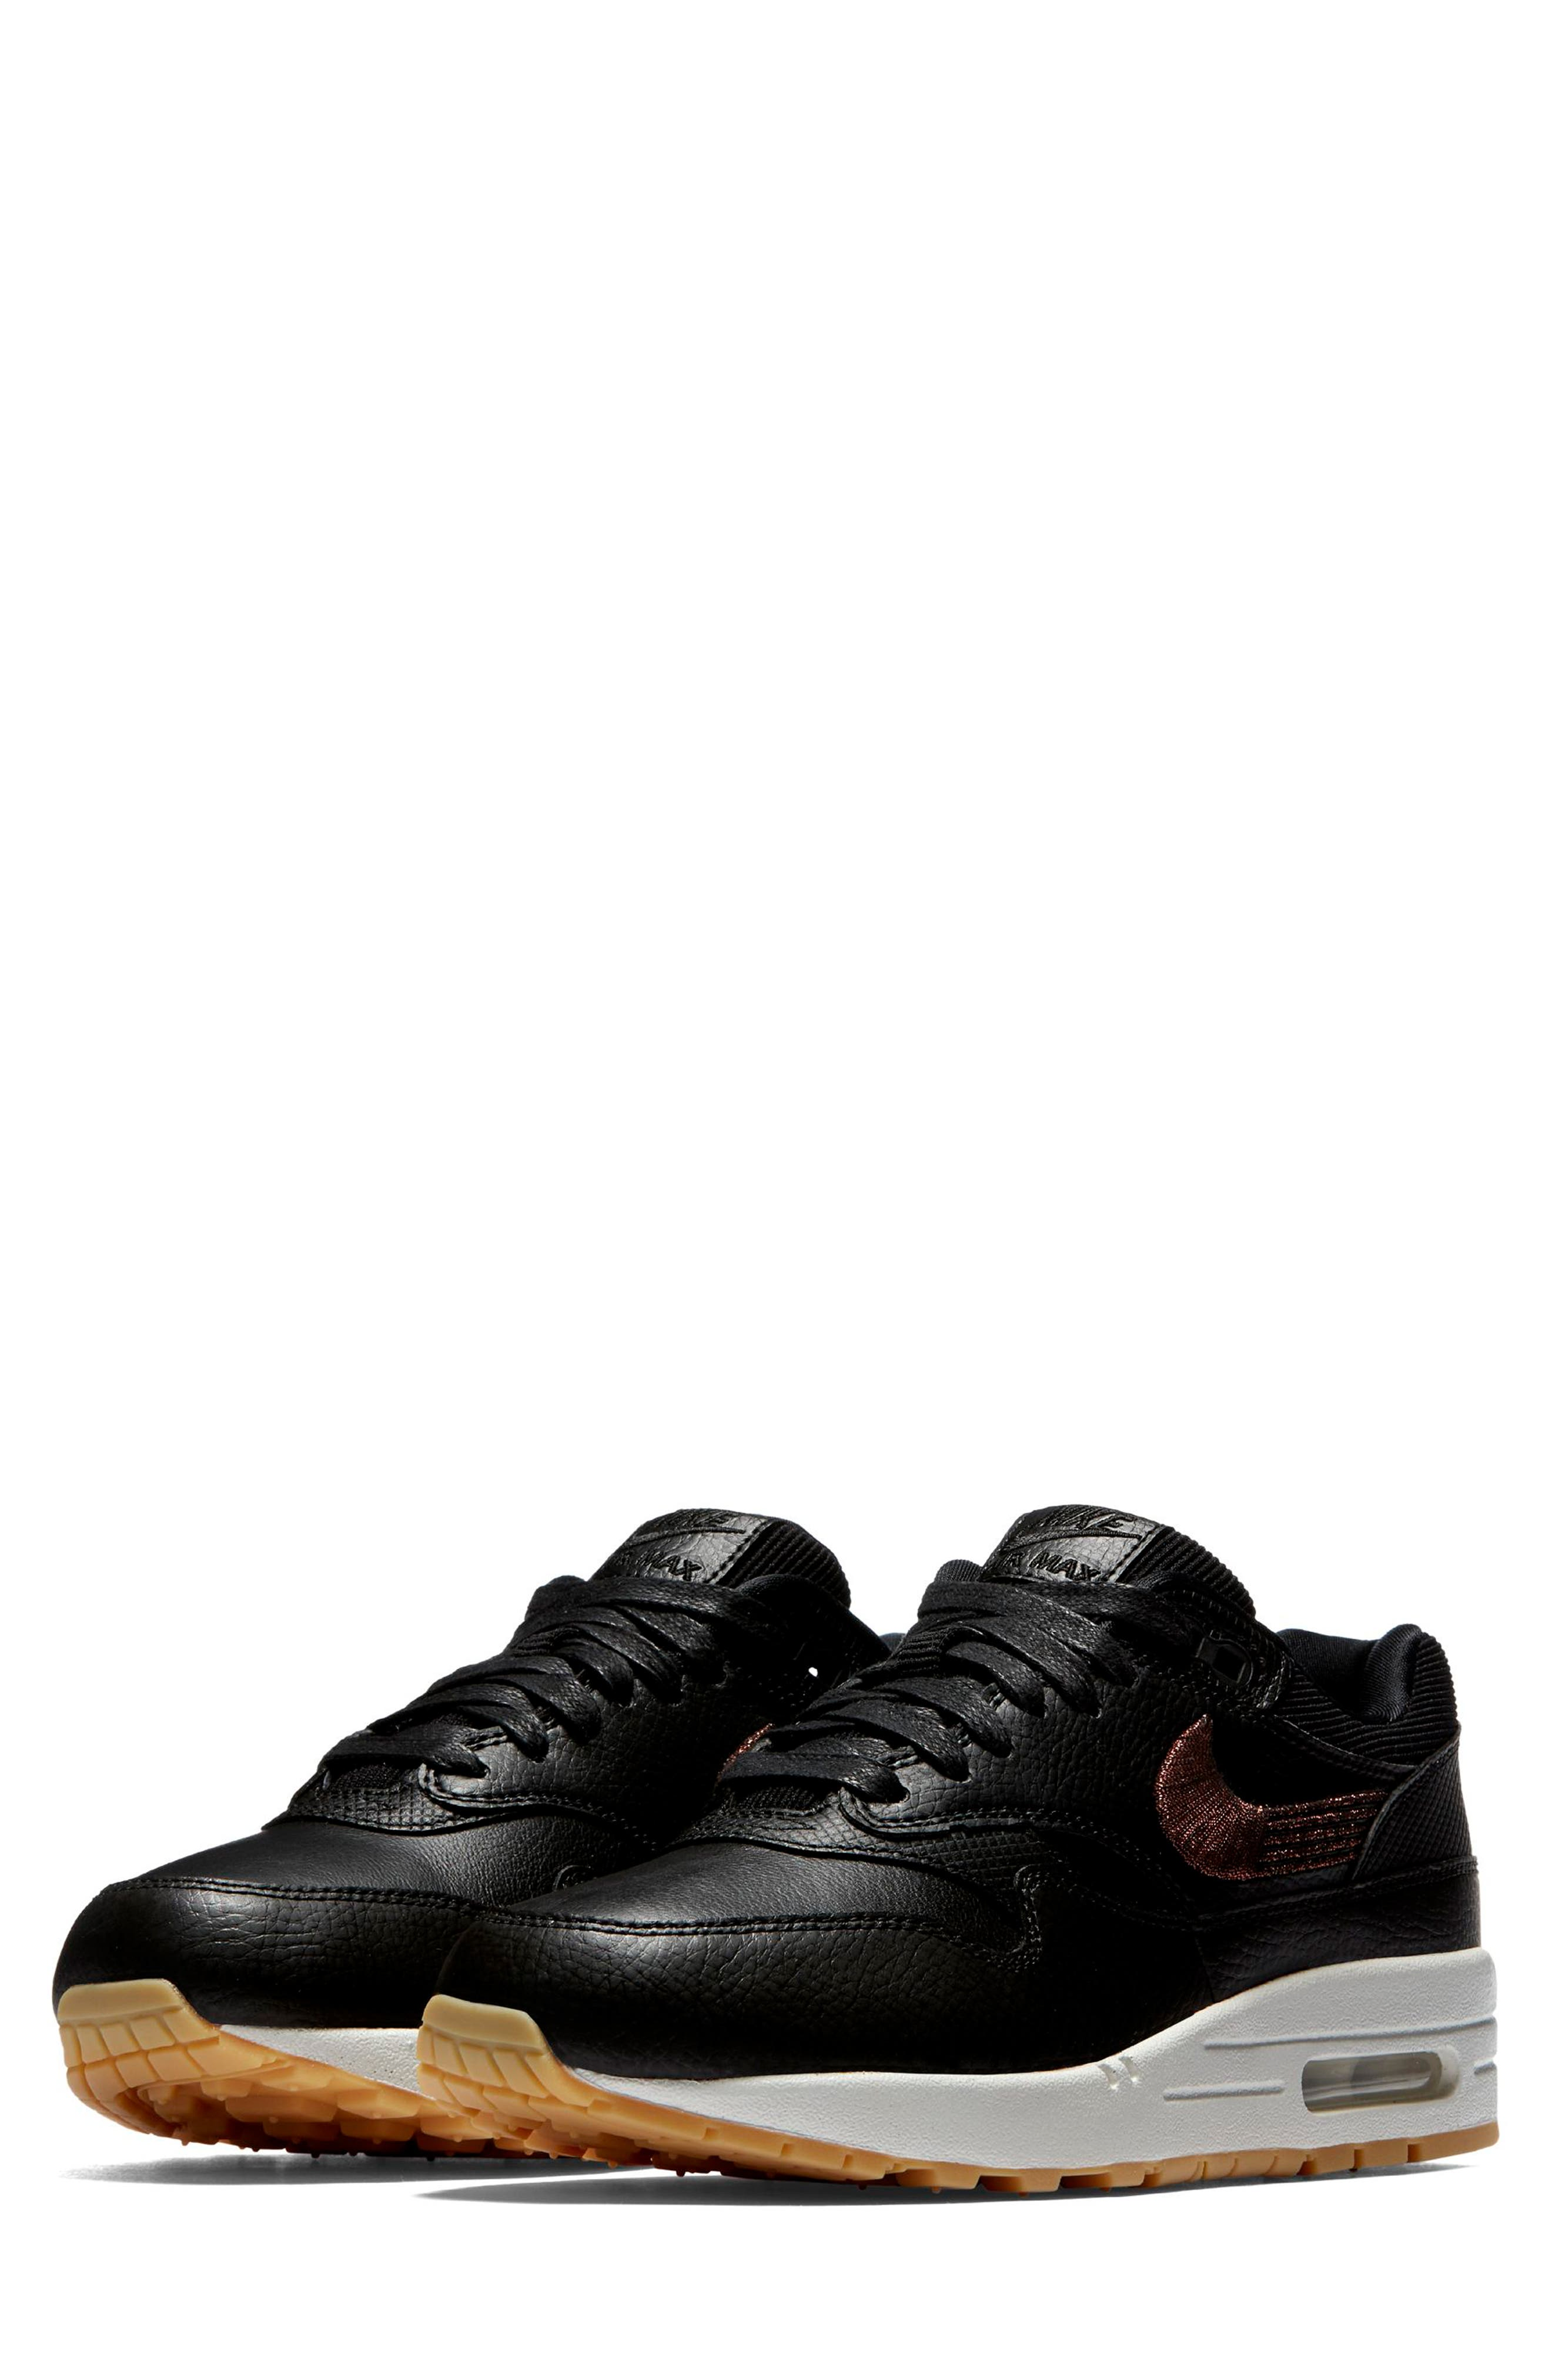 Air Max 1 Premium Sneaker,                             Main thumbnail 1, color,                             002